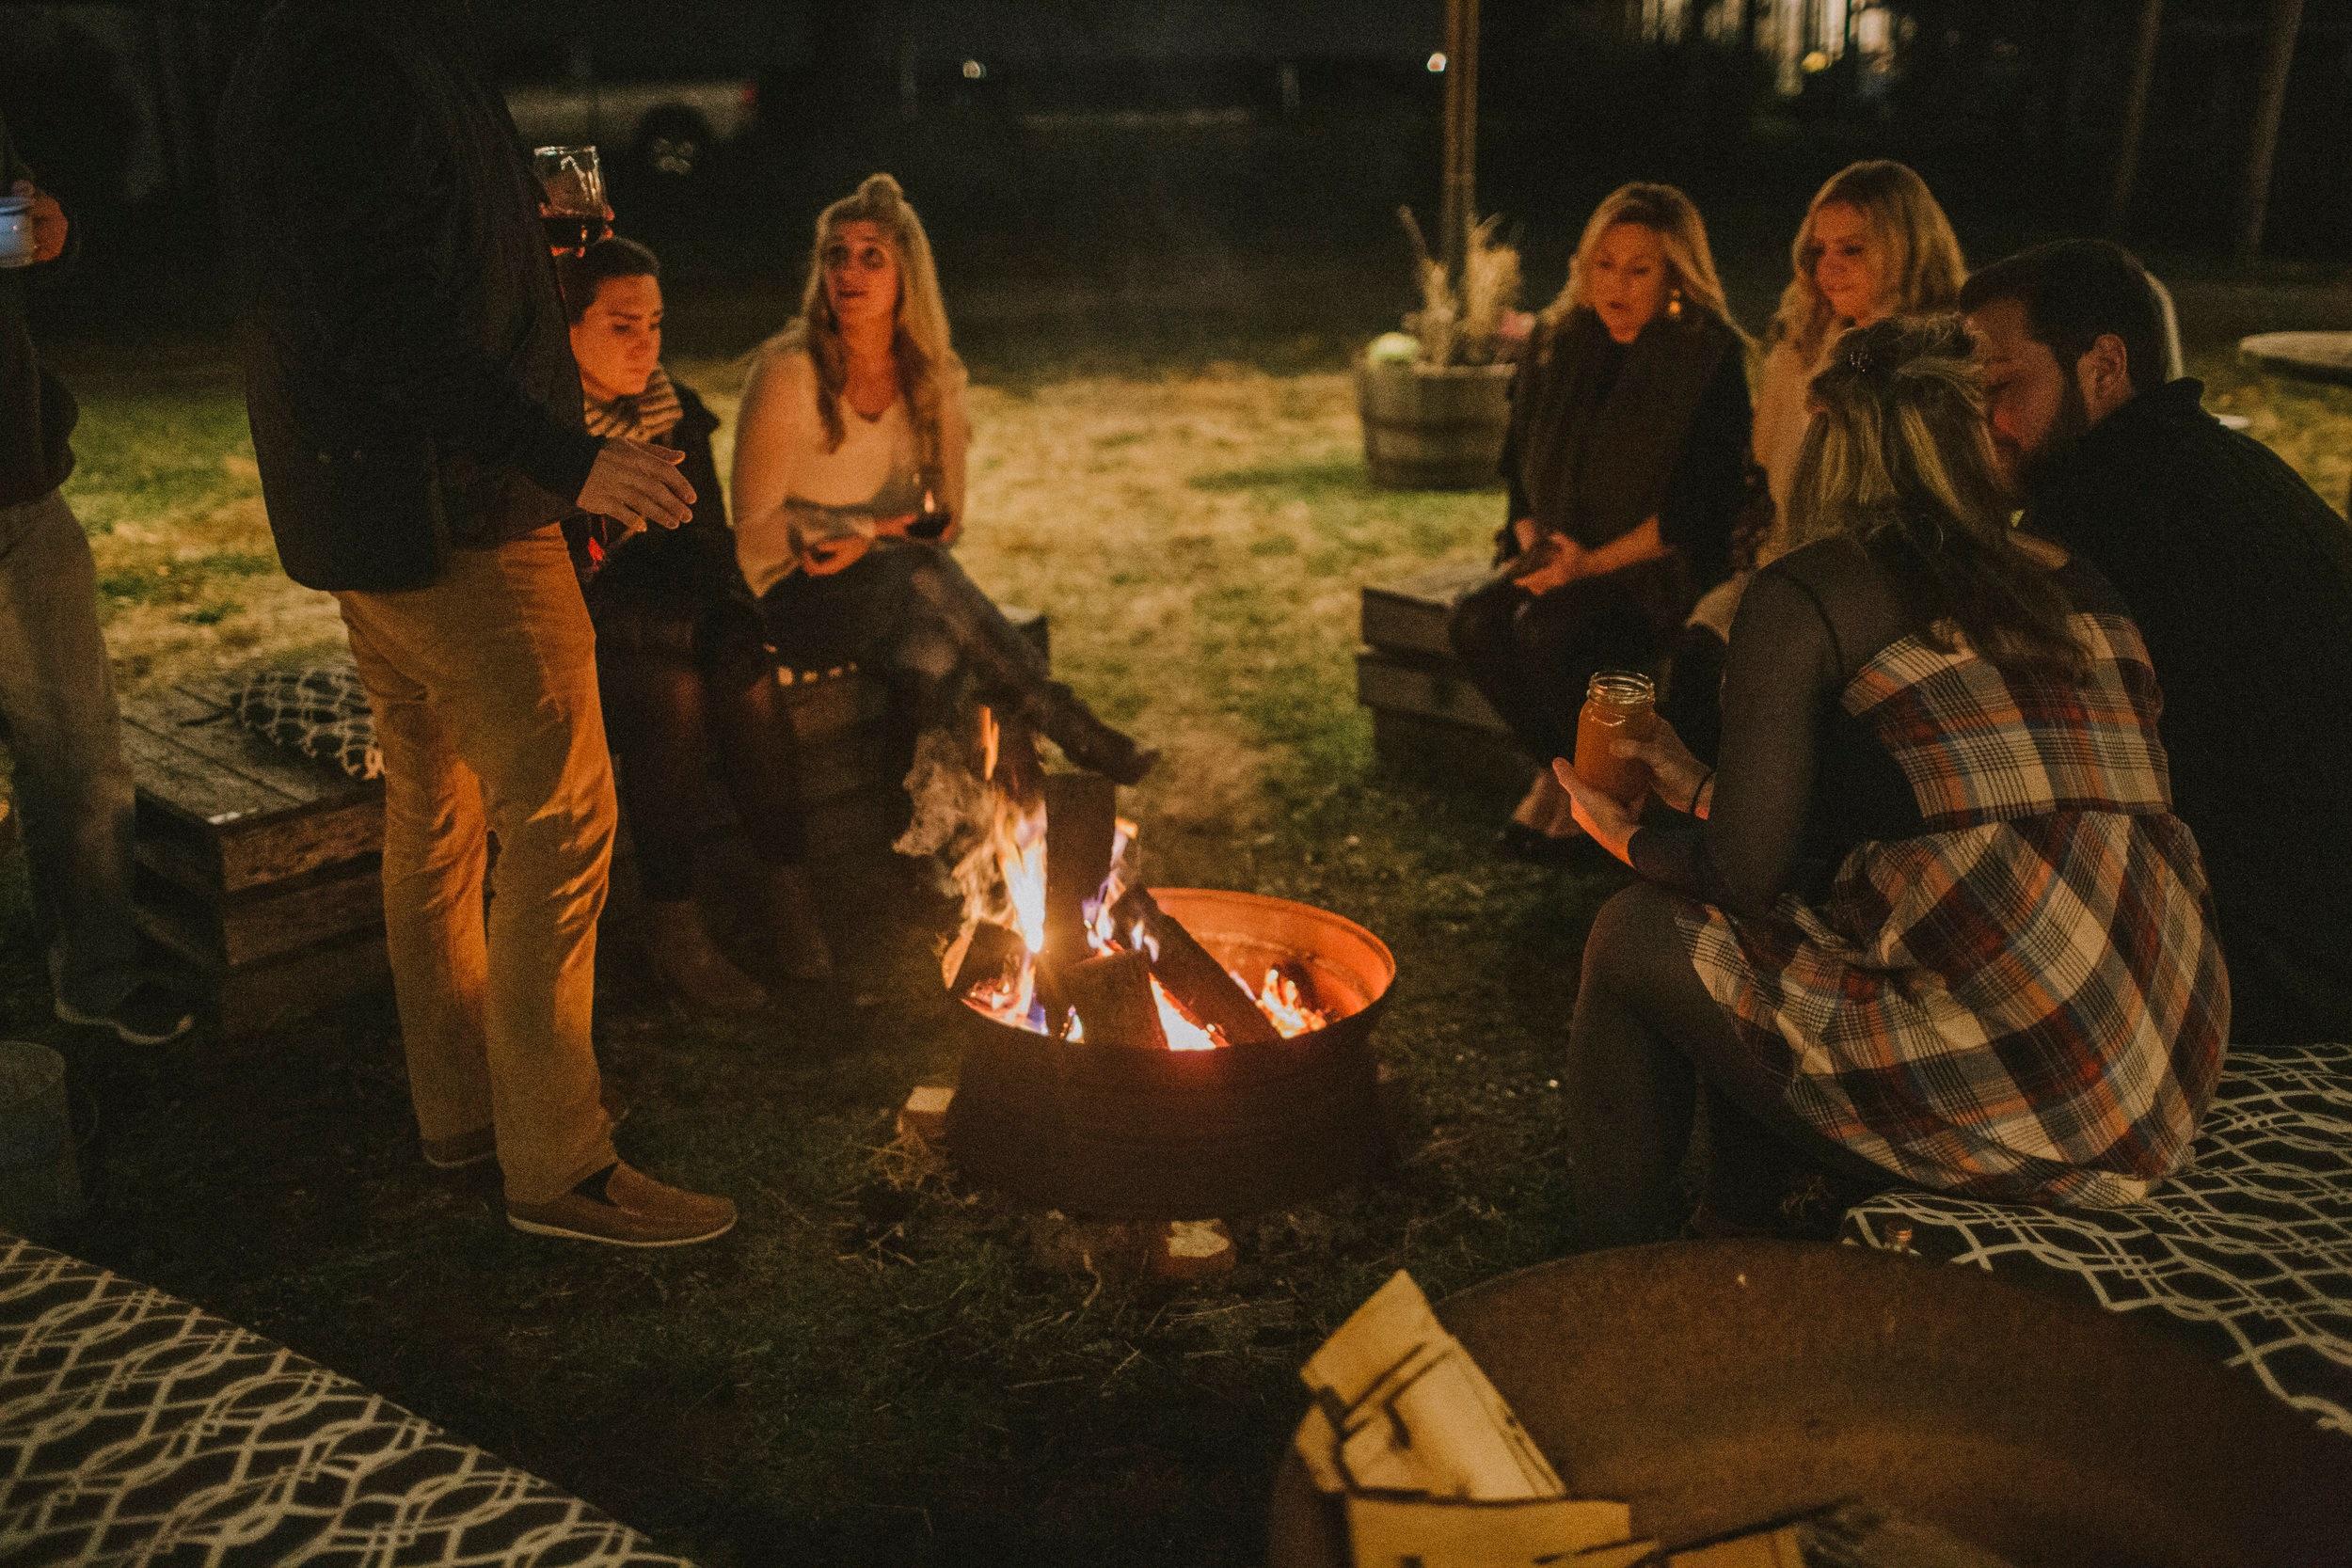 Guests linger fireside